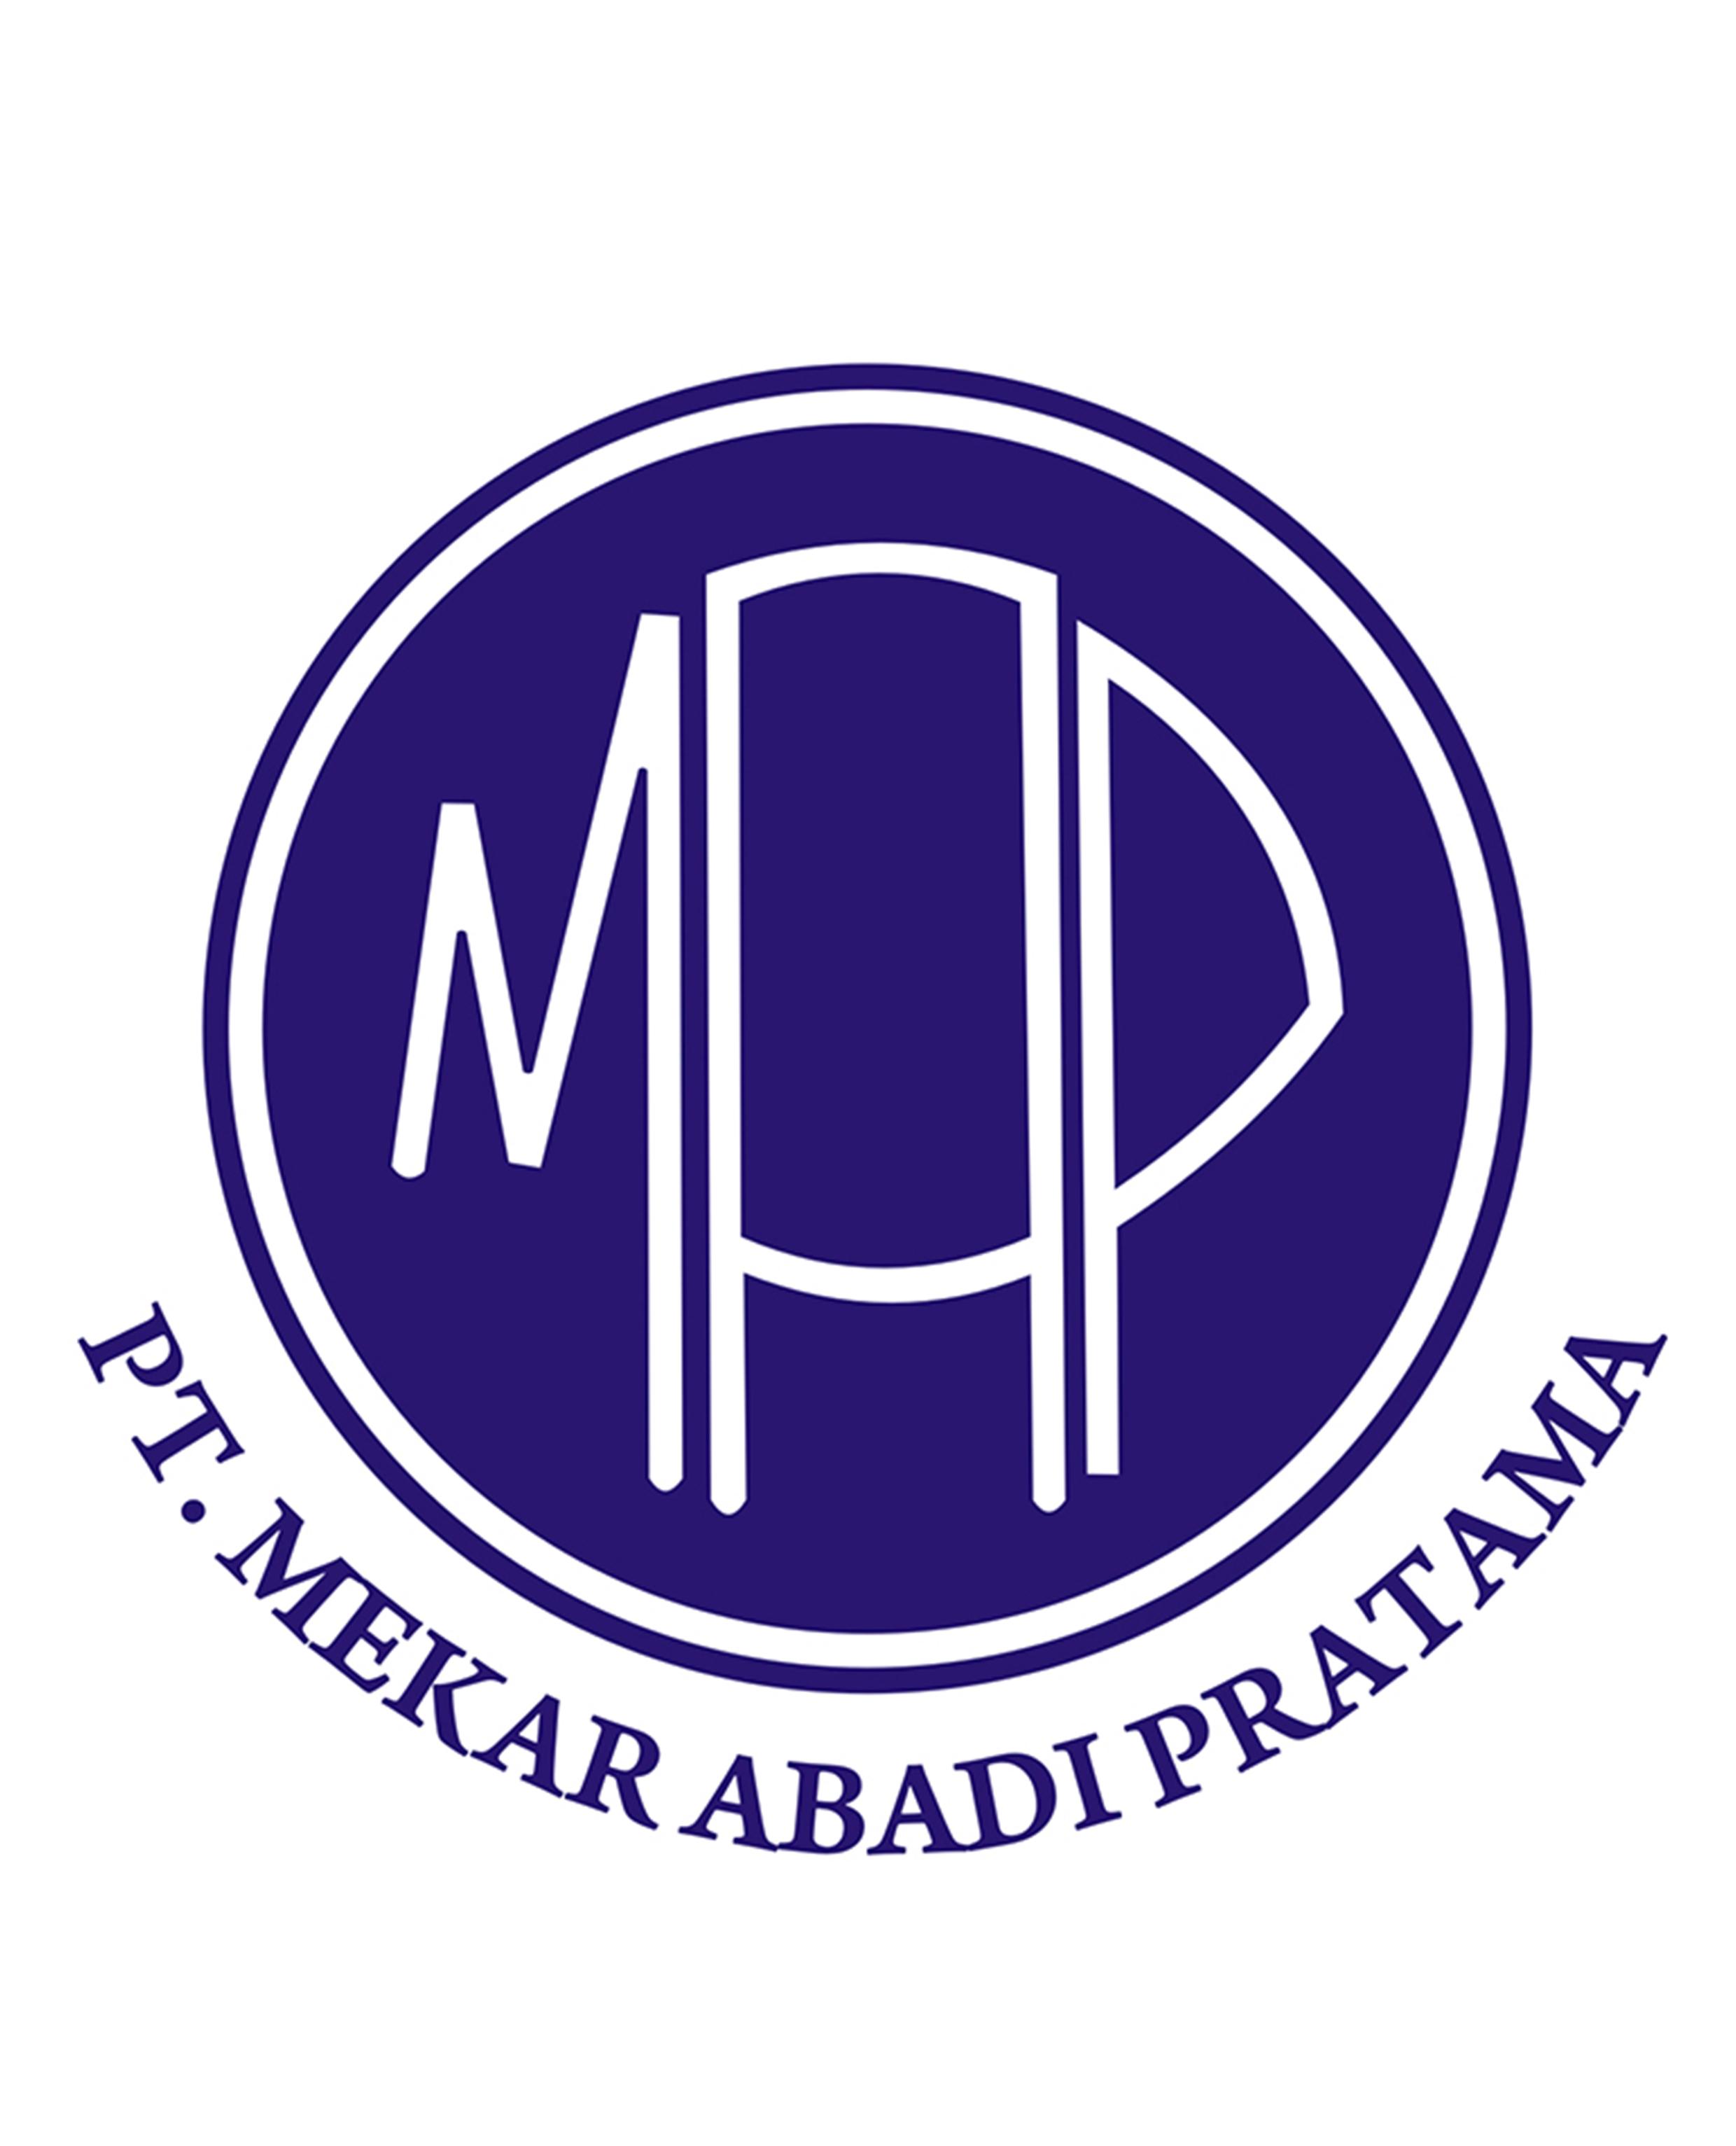 LOGO_PT Mekar Abadi Pratama